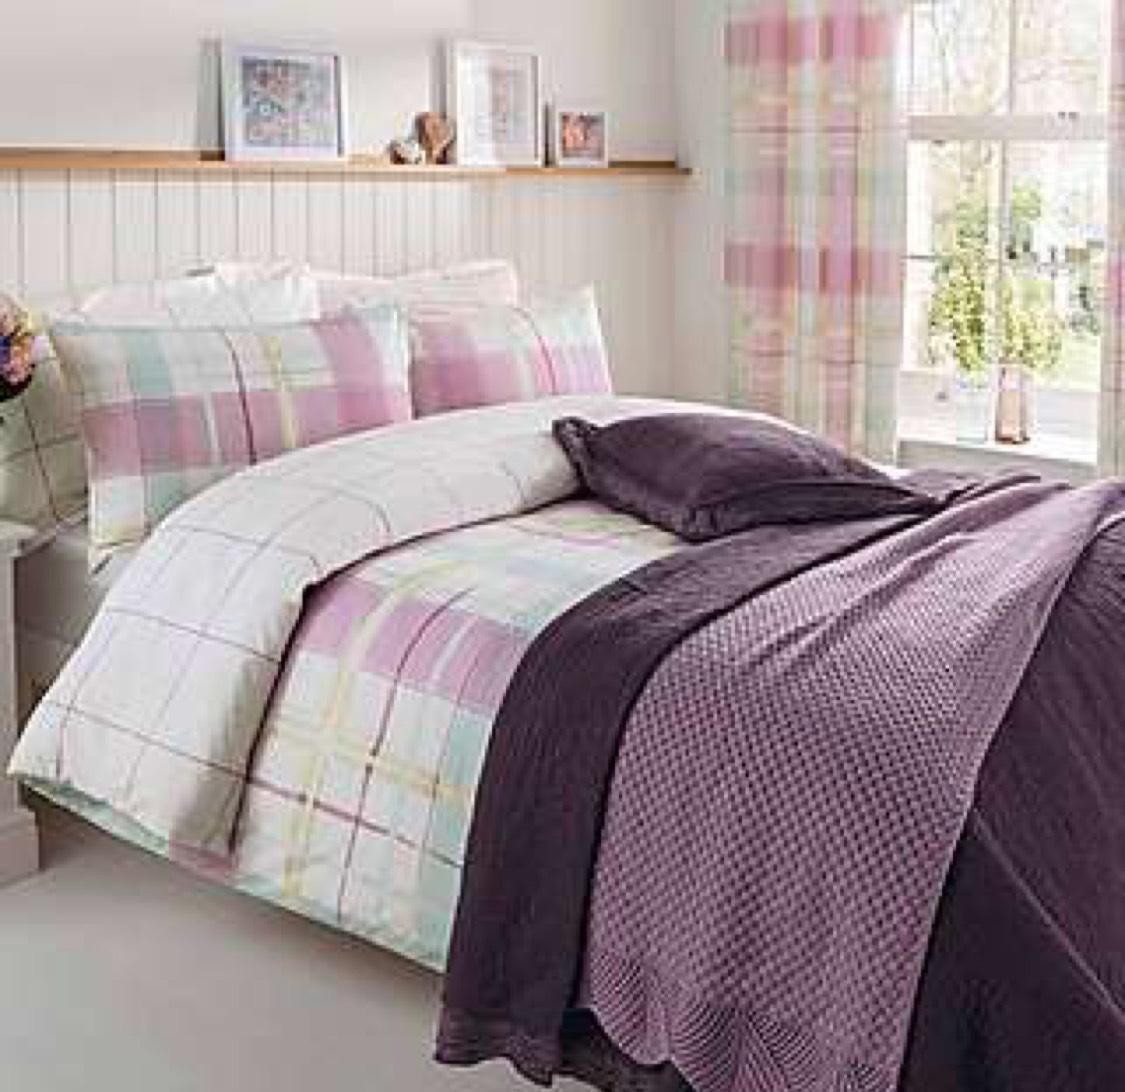 Dunelm Rosemoor Duvet Cover and Pillowcase Set £6 @ Dunelm